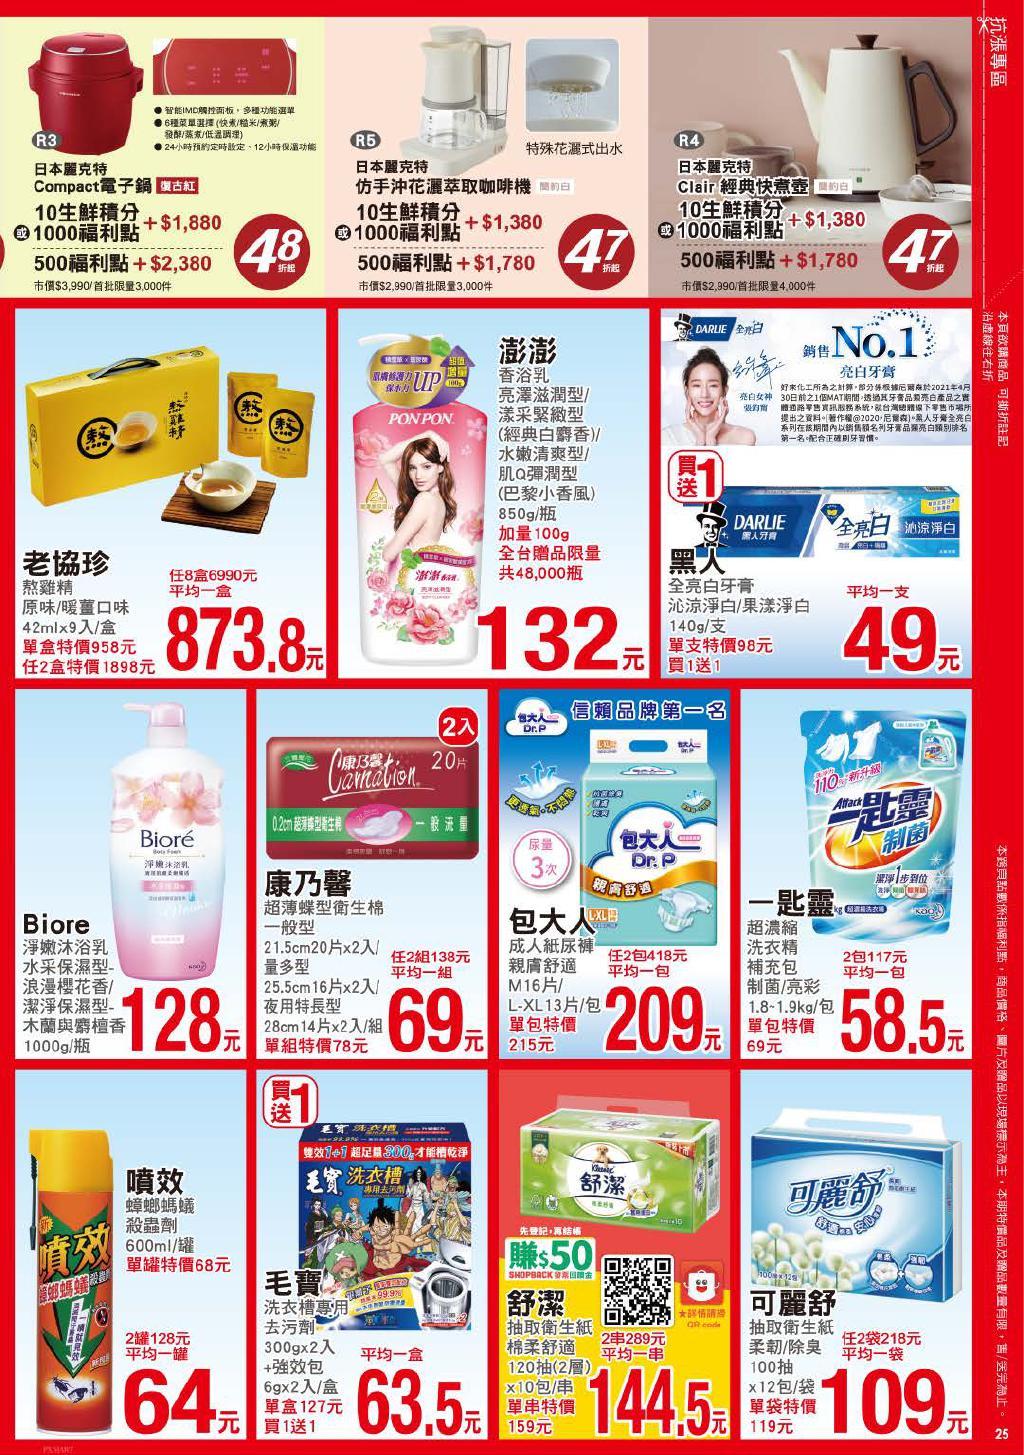 pxmart20210909_000025.jpg